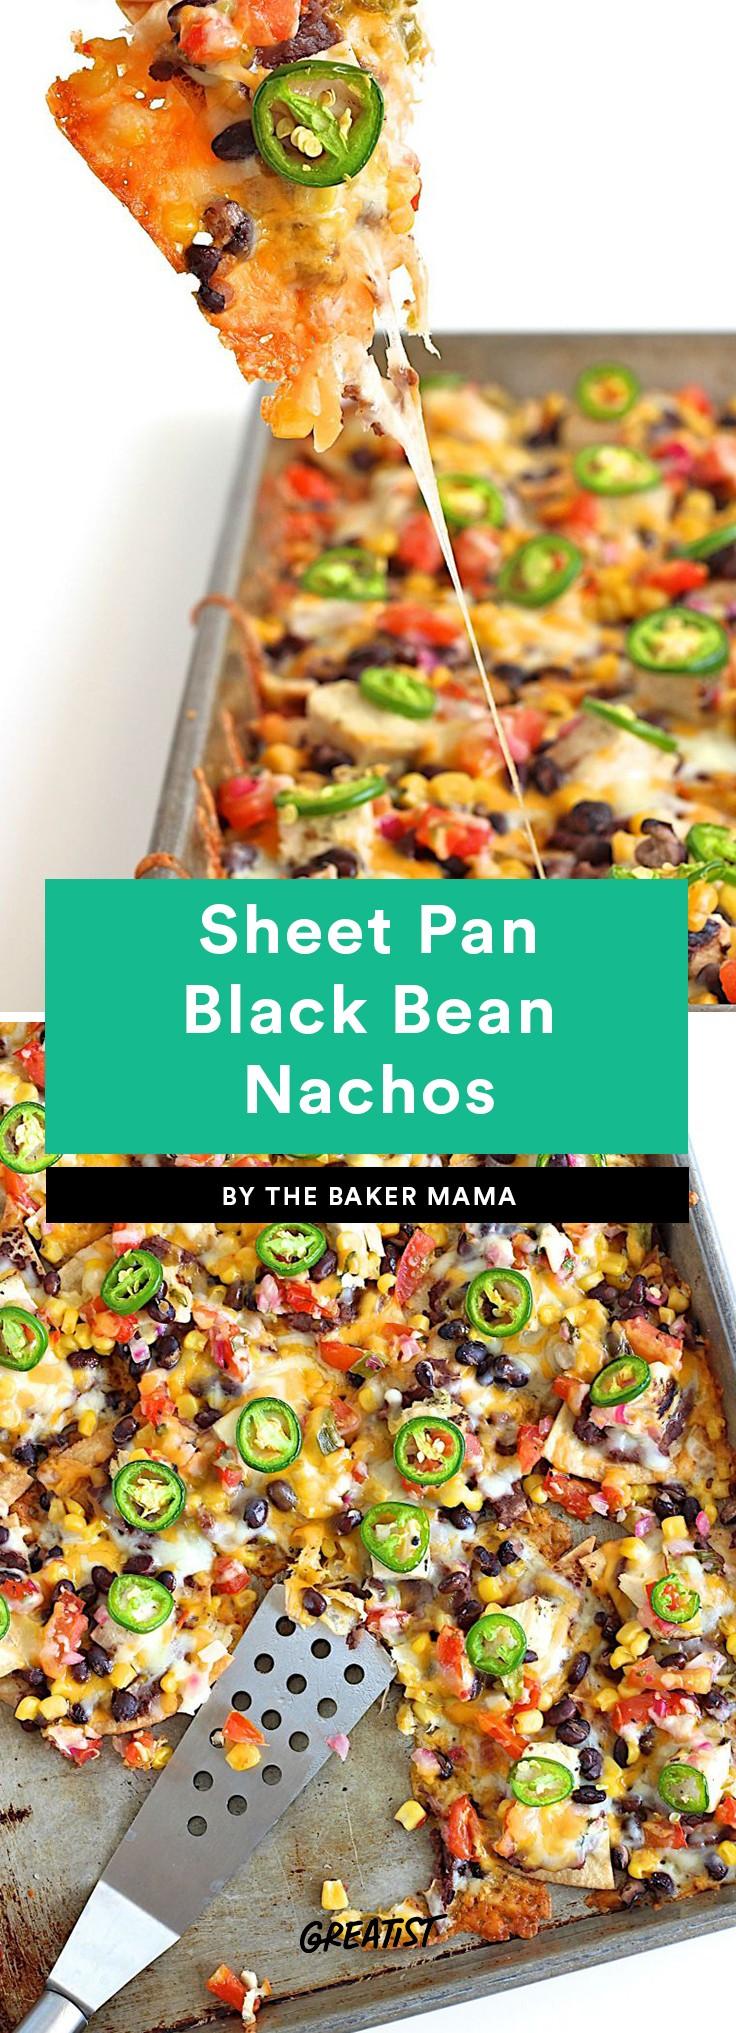 Sheet Pan Black Bean Nachos